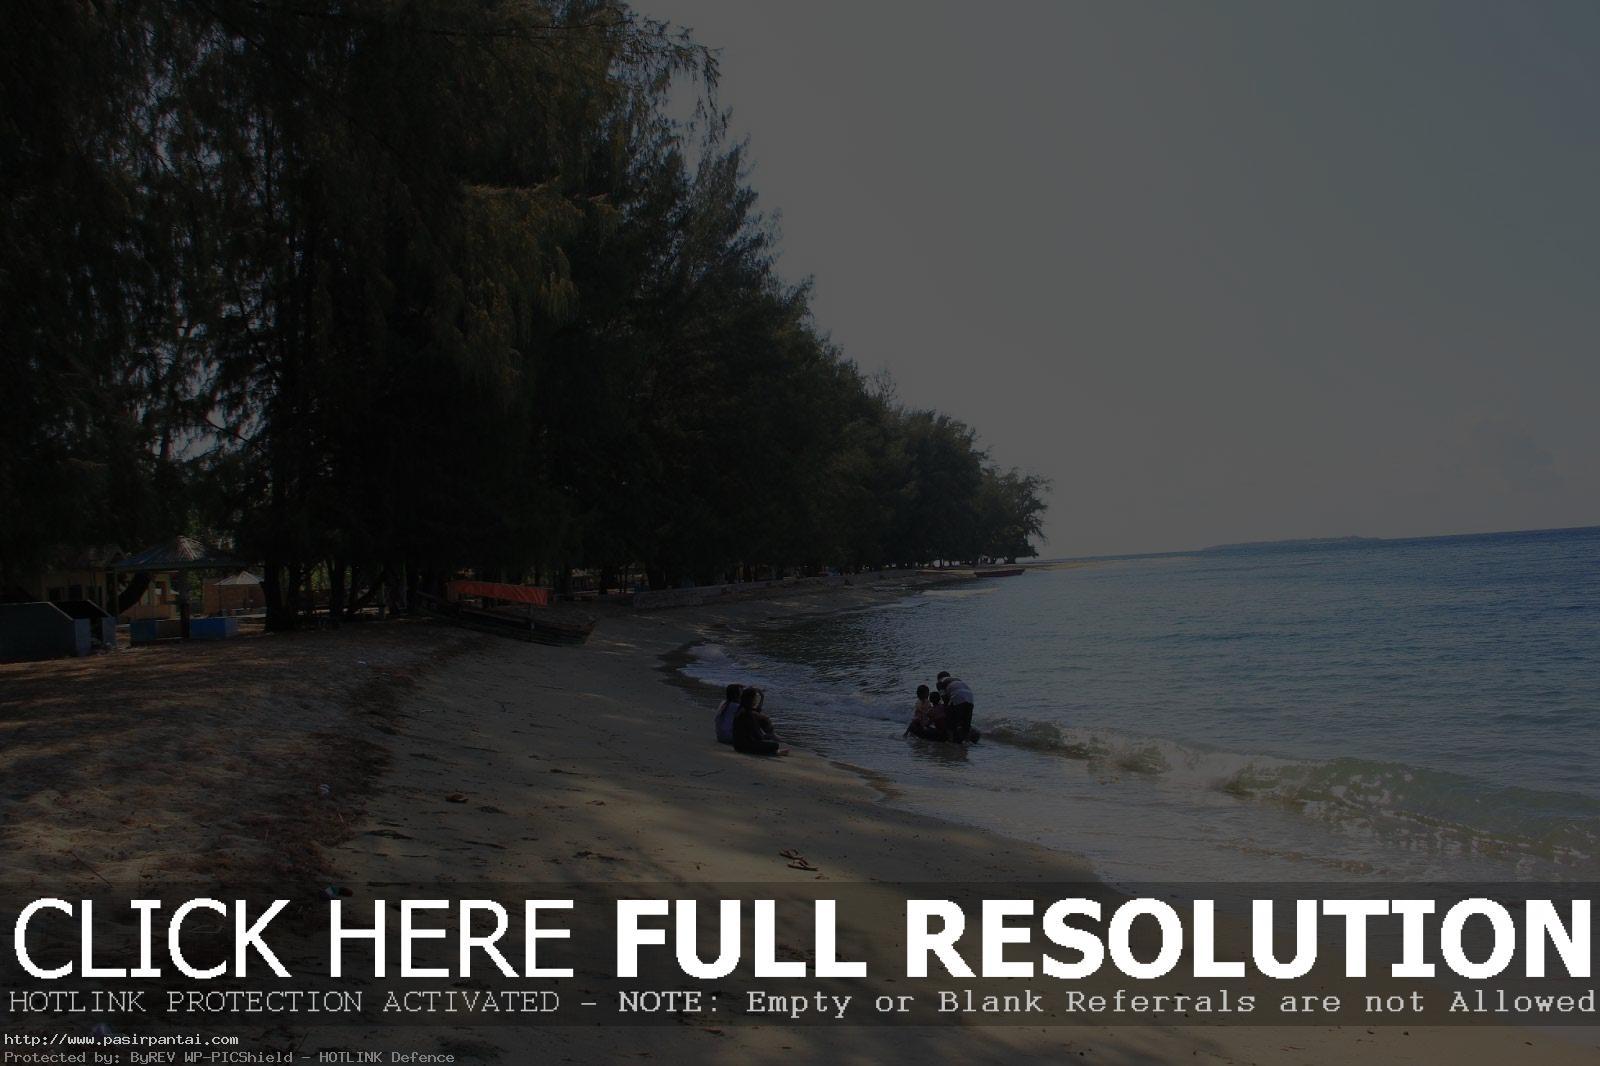 Wisata Pantai Balihutuo Pasirpantai Sulawesi Utara Bolihutuo Pesisir Teluk Tomini